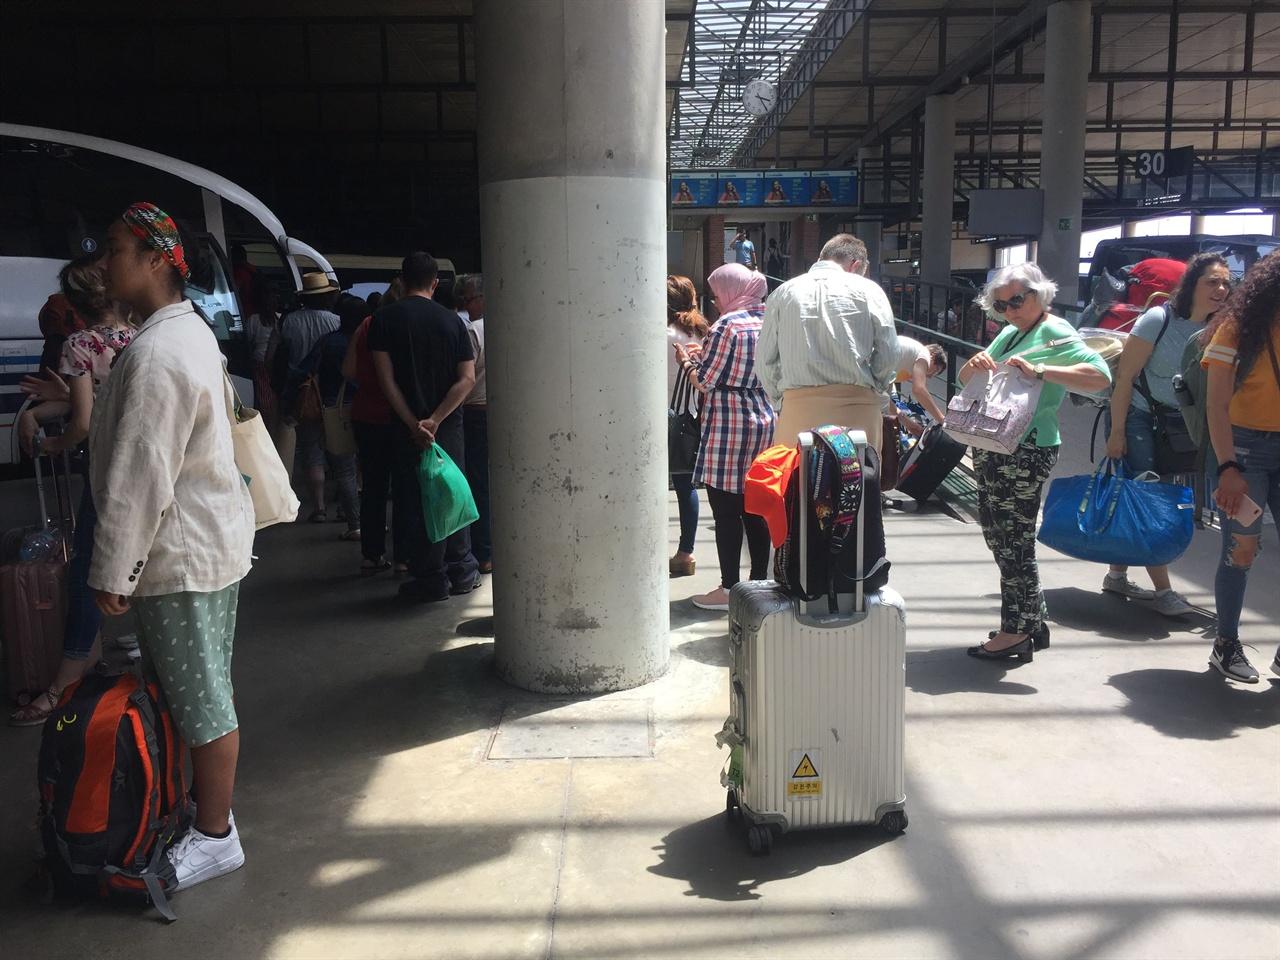 버스를 타고 국경을 넘었습니다.  버스터미널에서 버스를 타고, 포루투갈로 넘어갔습니다. 두시간 반 정도 버스를 탔을 뿐인데, 나라가 바뀌어 있었고 시간이 한 시간 빨라졌어요. 놀라운 경험이었습니다. 우리도, 언젠가, 기대해도 되겠죠?